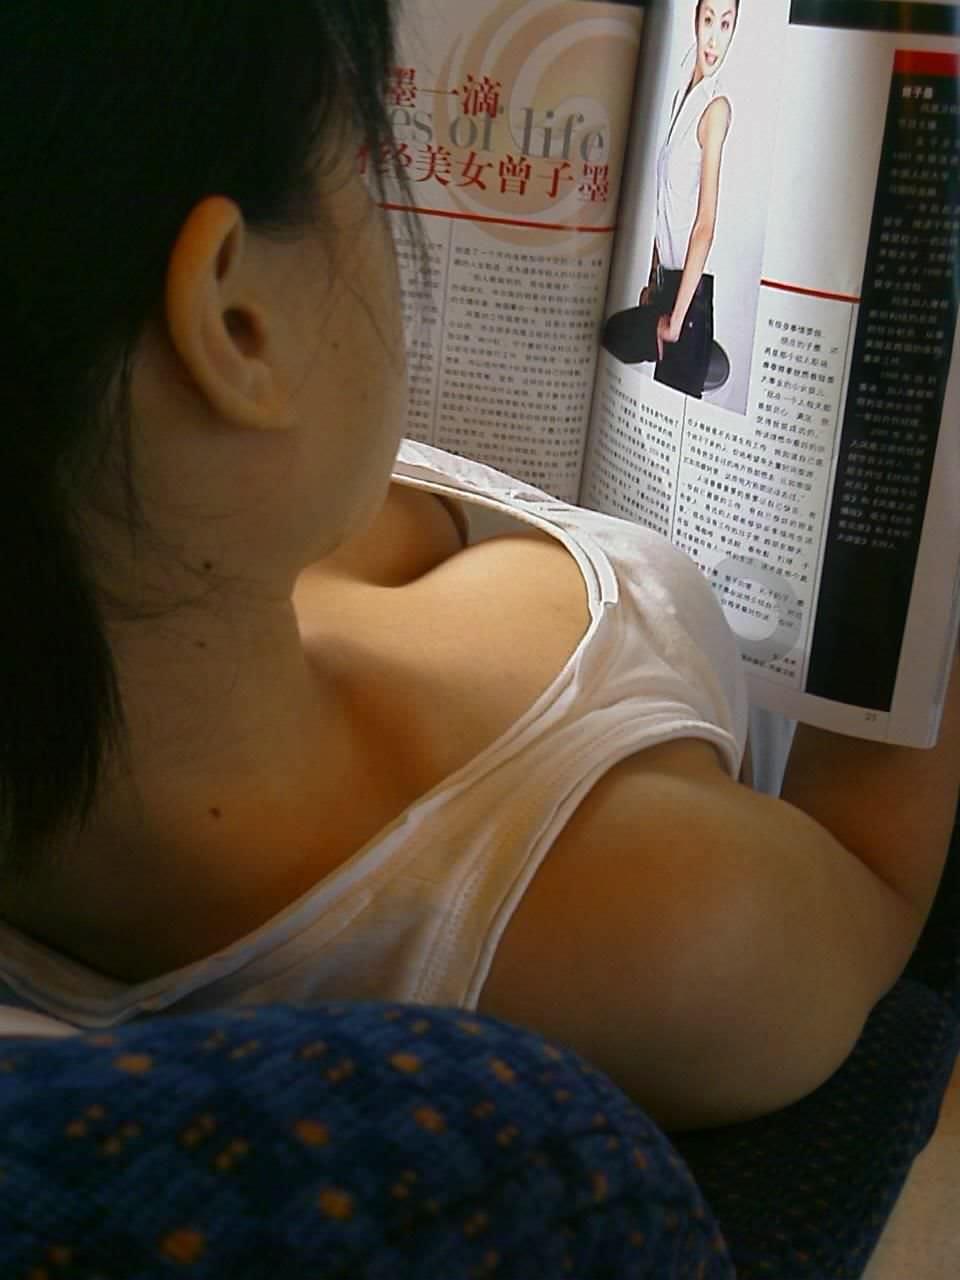 素人娘や人妻達の胸チラおっぱいを電車内や街中で隠し撮りゲットwwww 1314